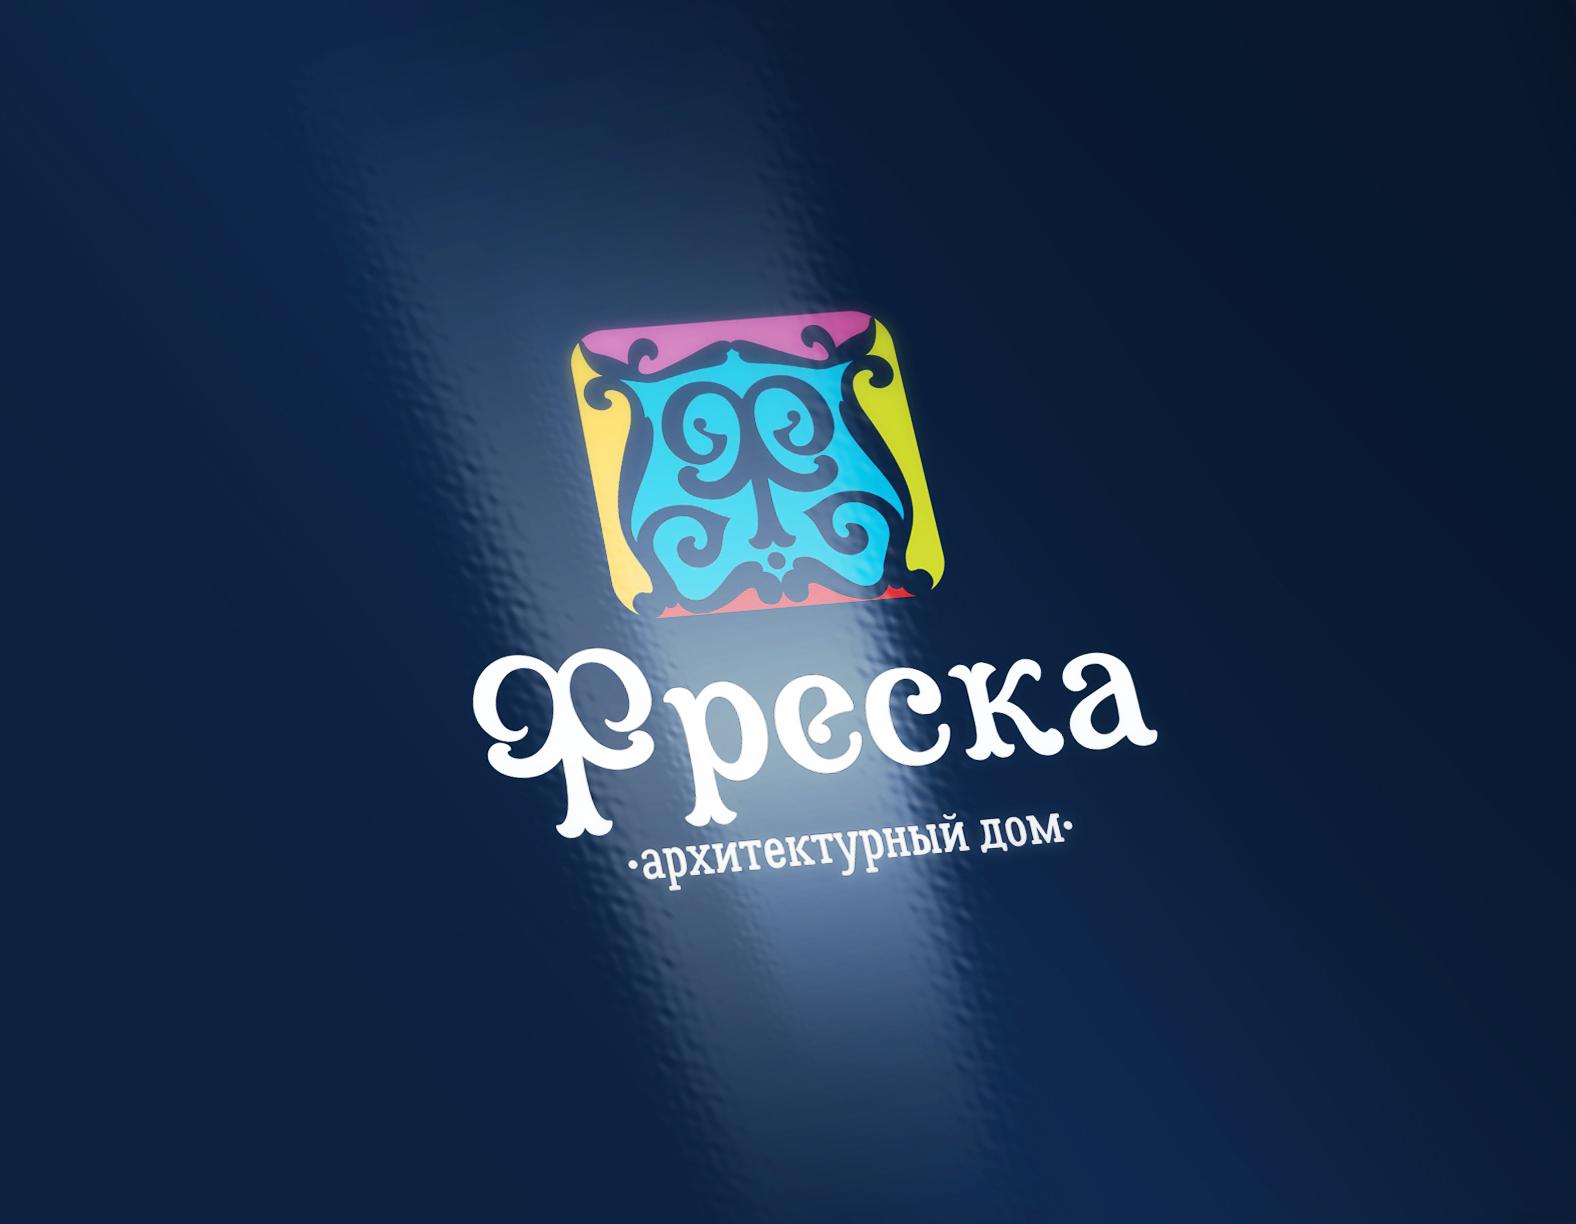 Разработка логотипа и фирменного стиля  фото f_3955aa53bb435cc7.jpg